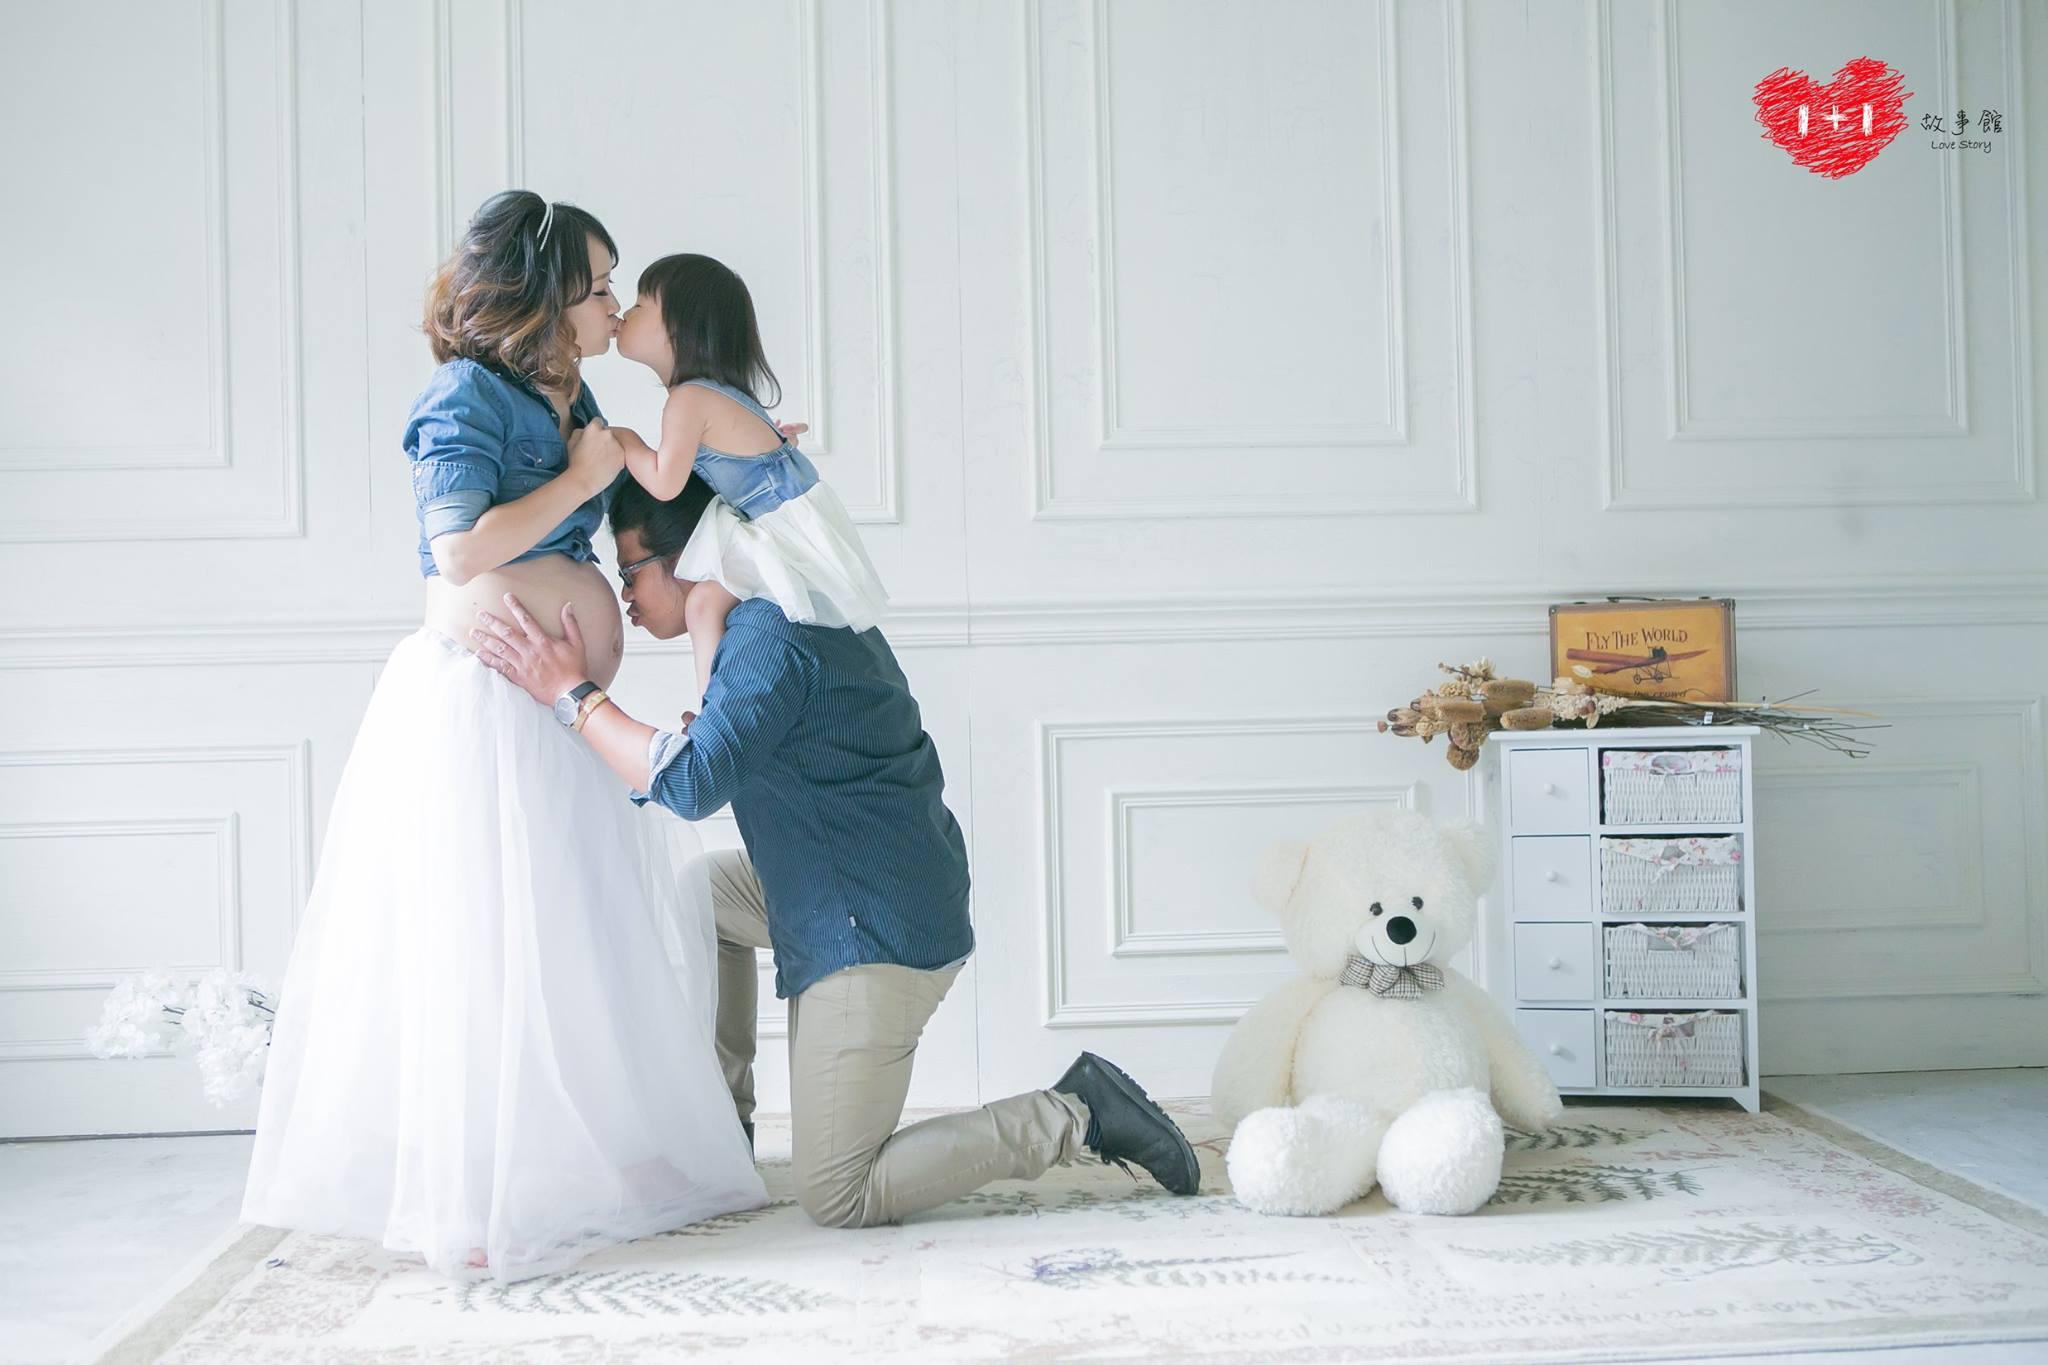 手工白紗,婚紗禮服,白紗,禮服ptt,婚紗出租推薦,類白紗洋裝